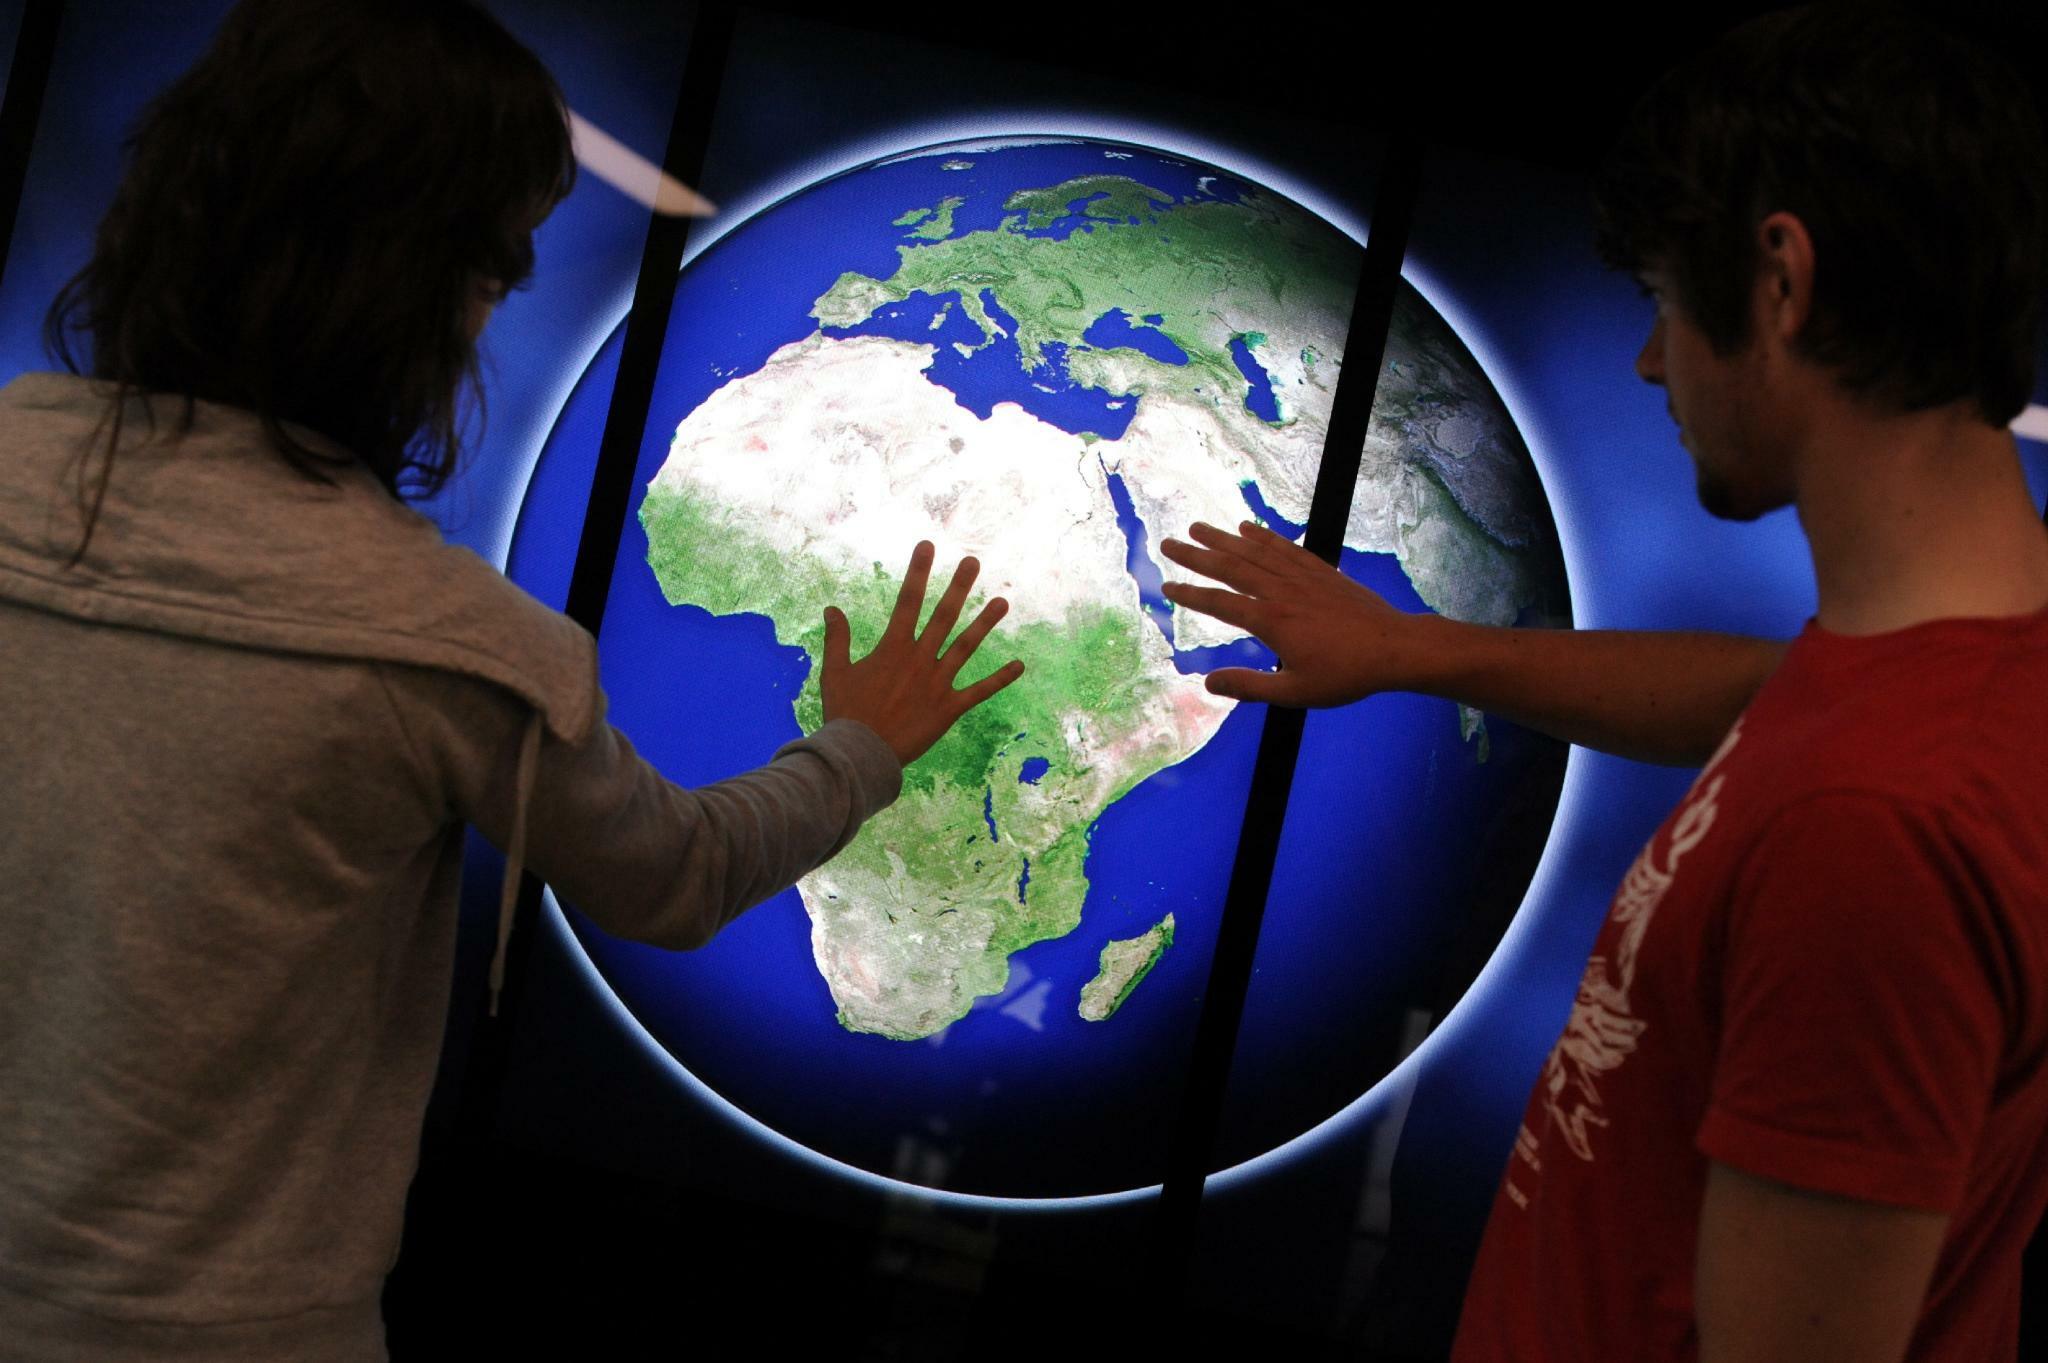 Klimastreik: Mehr als 500 Großinvestoren fordern höheren CO2-Preis